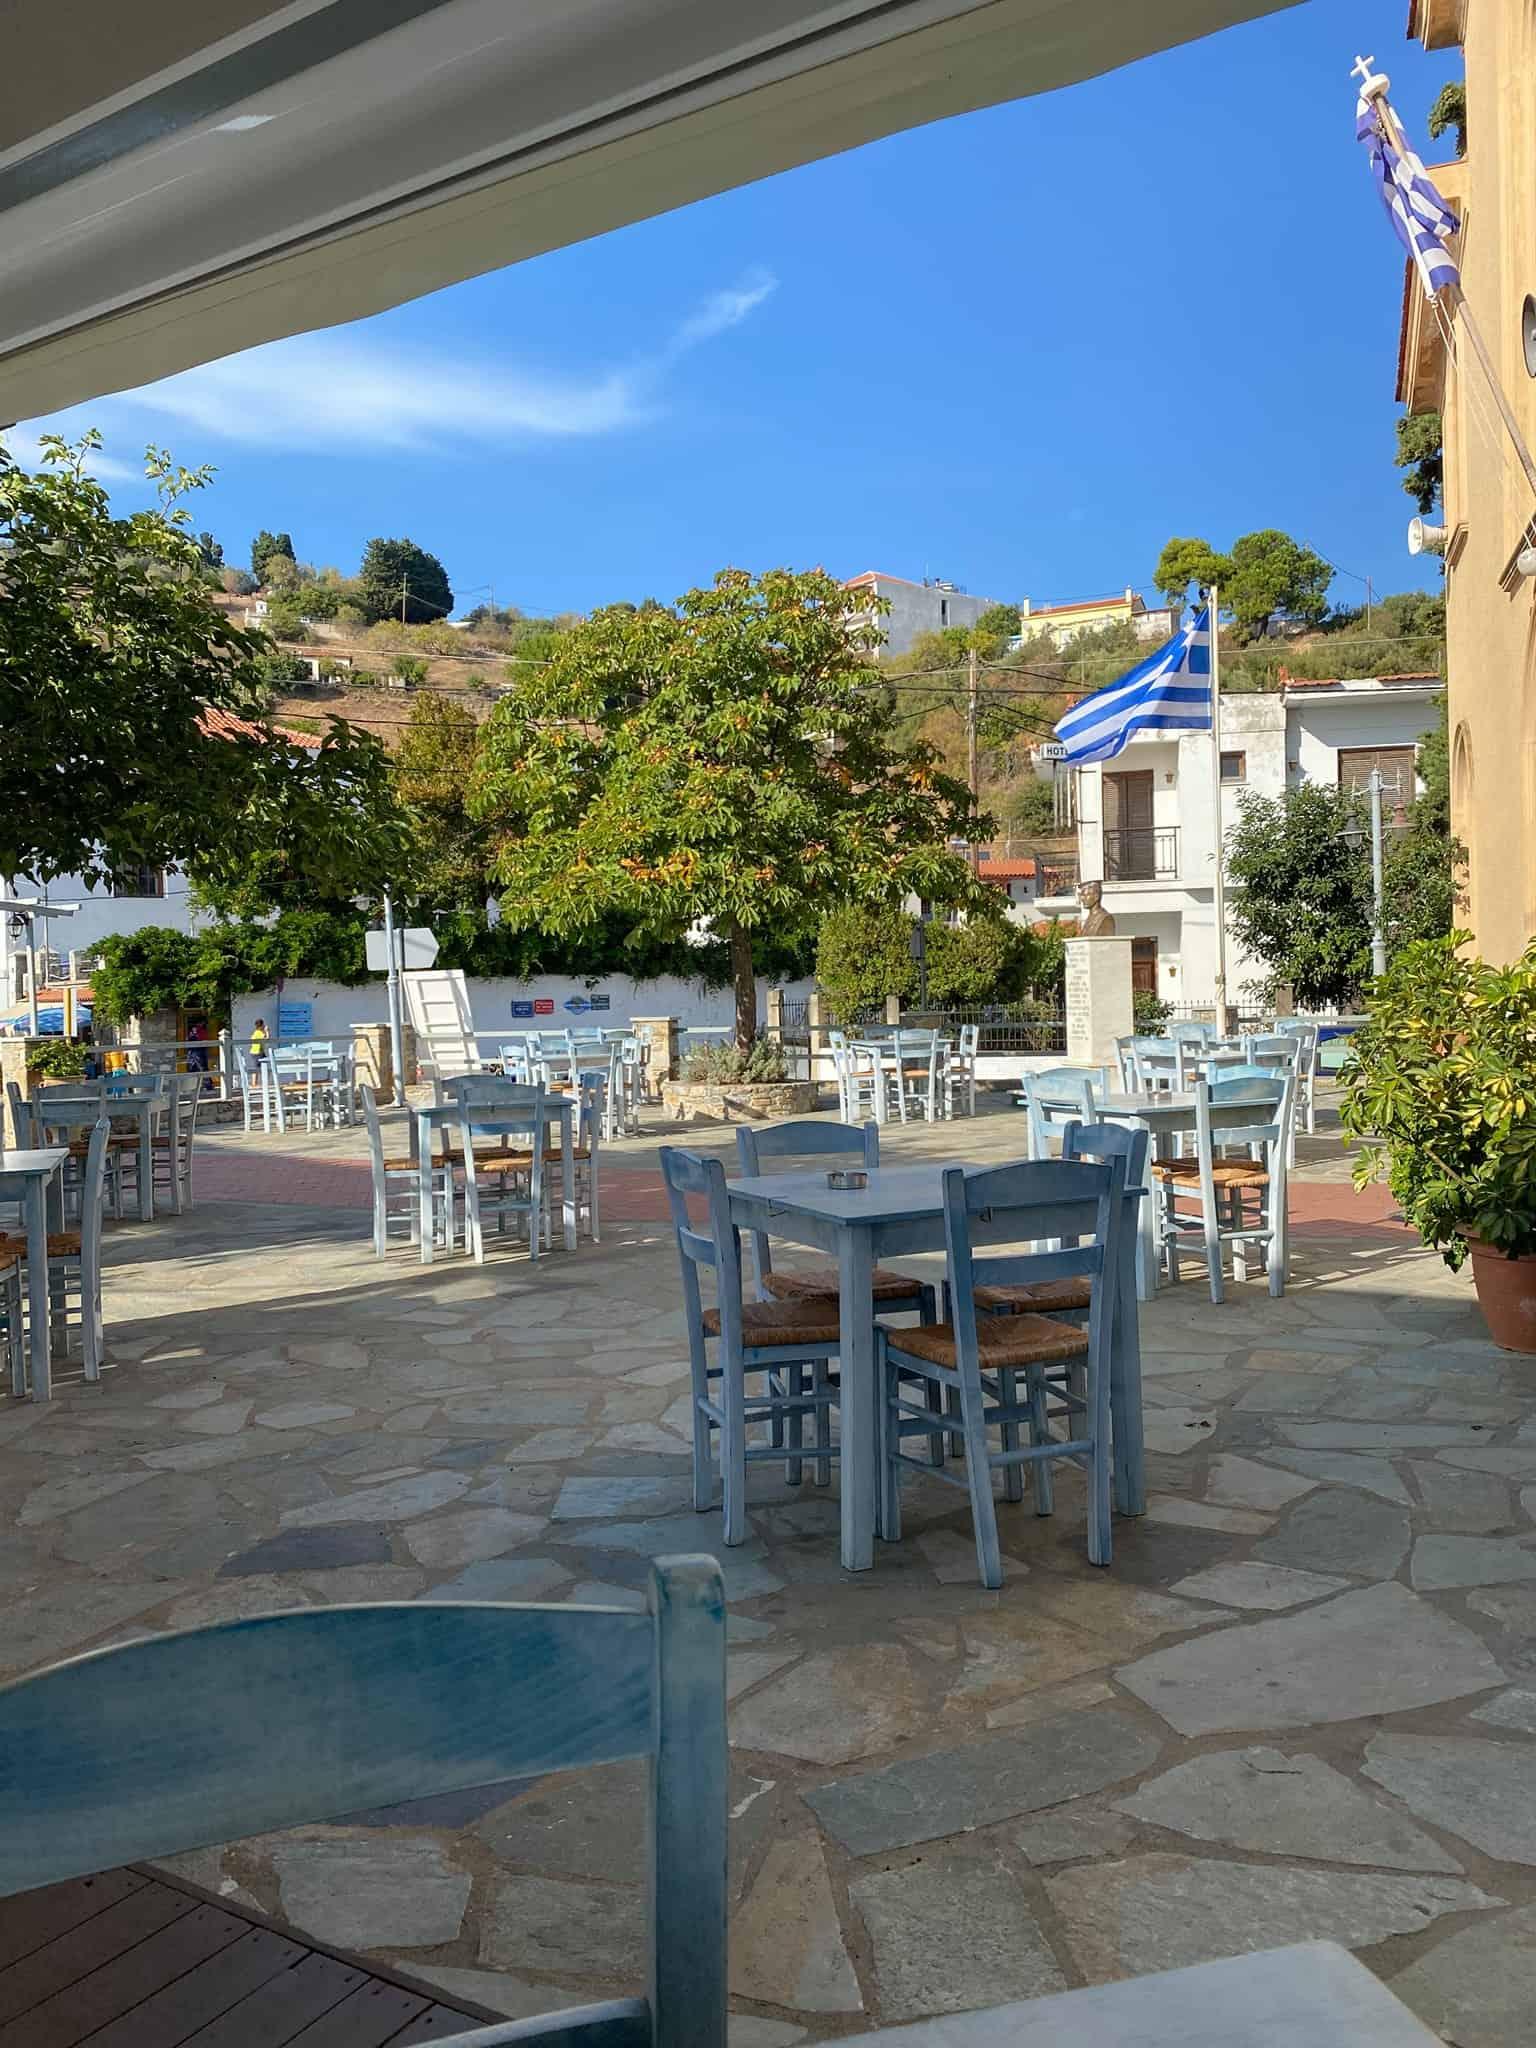 Moving to Greece: Glossa, Skopelos